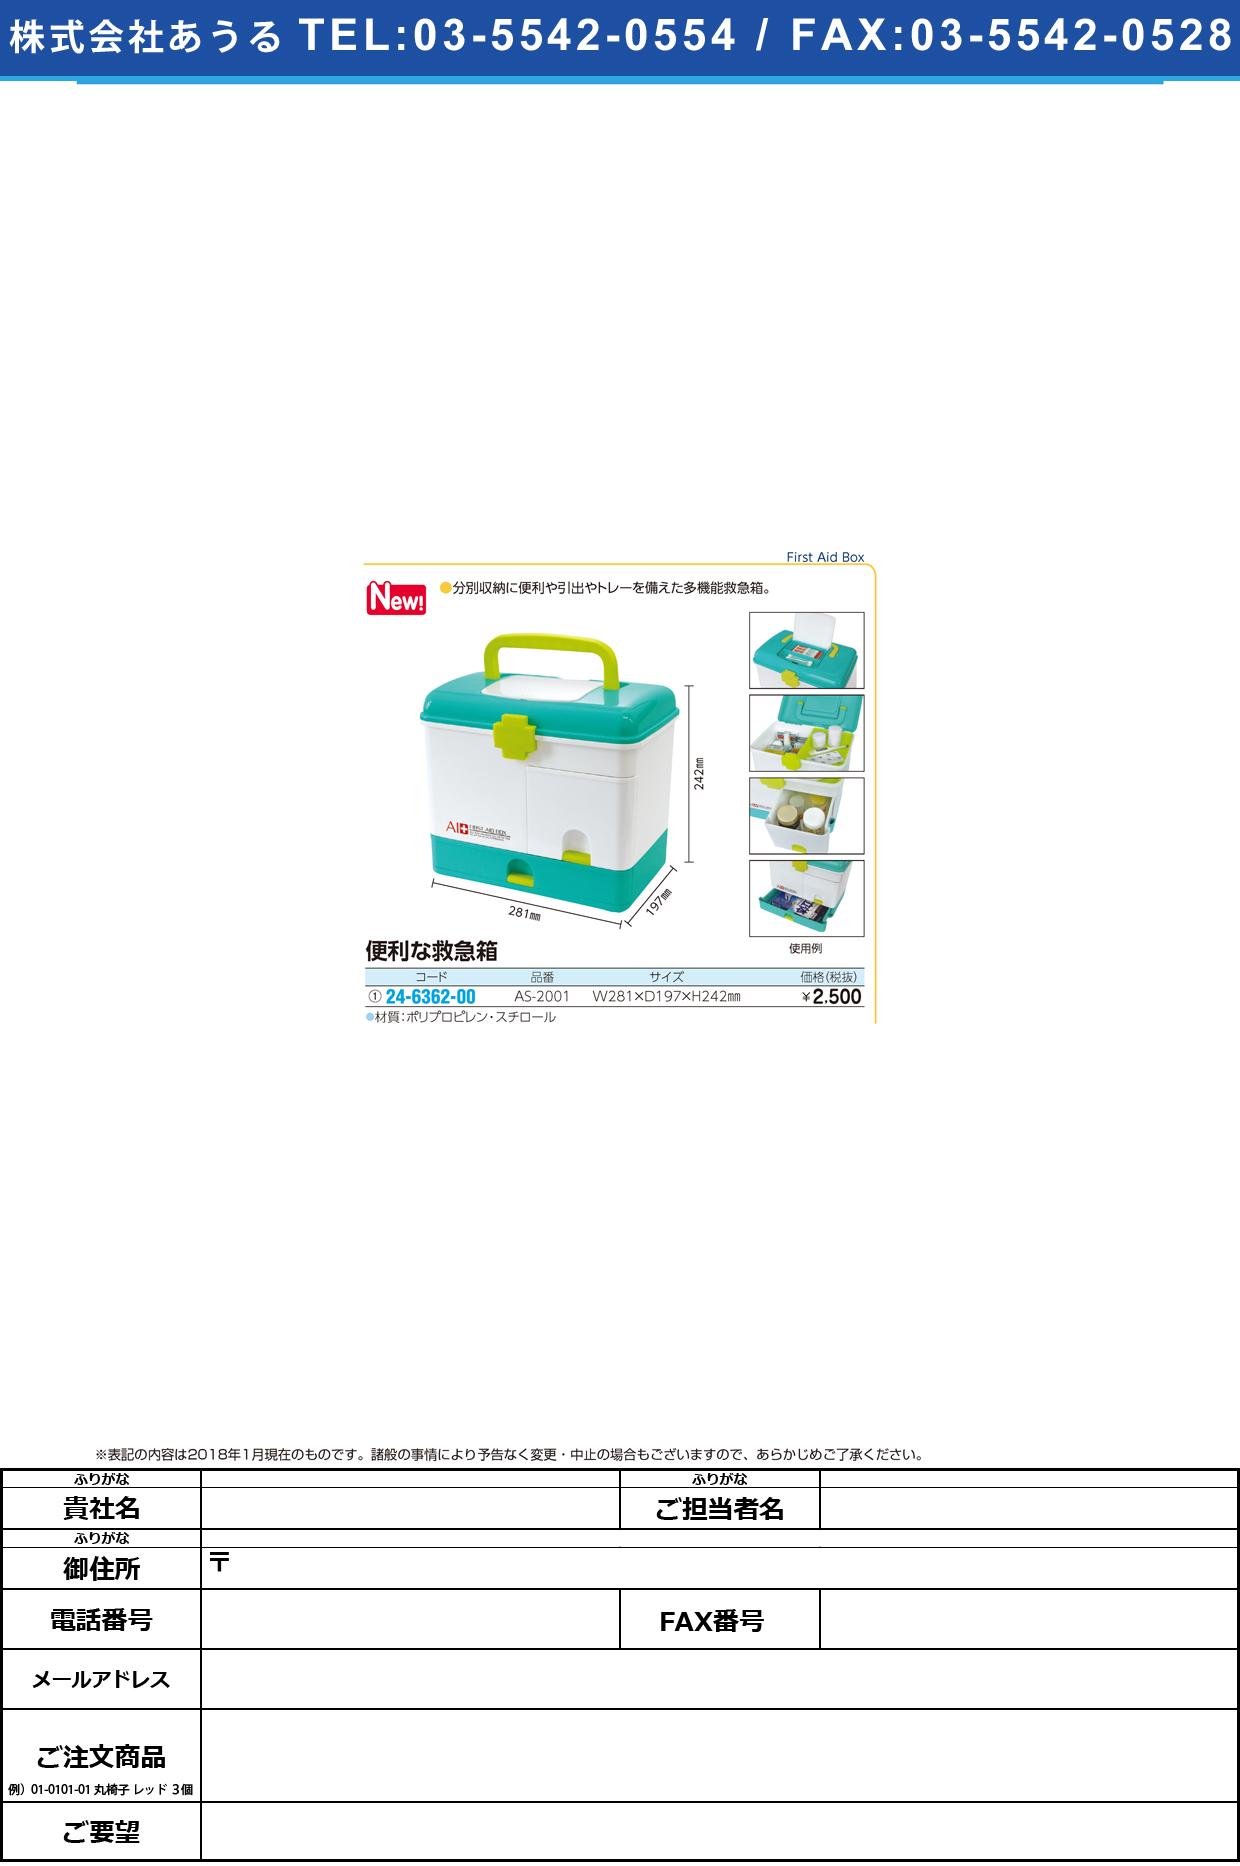 (24-6362-00)便利な救急箱 AS-2001 ベンリナキュウキュウバコ【1個単位】【2018年カタログ商品】